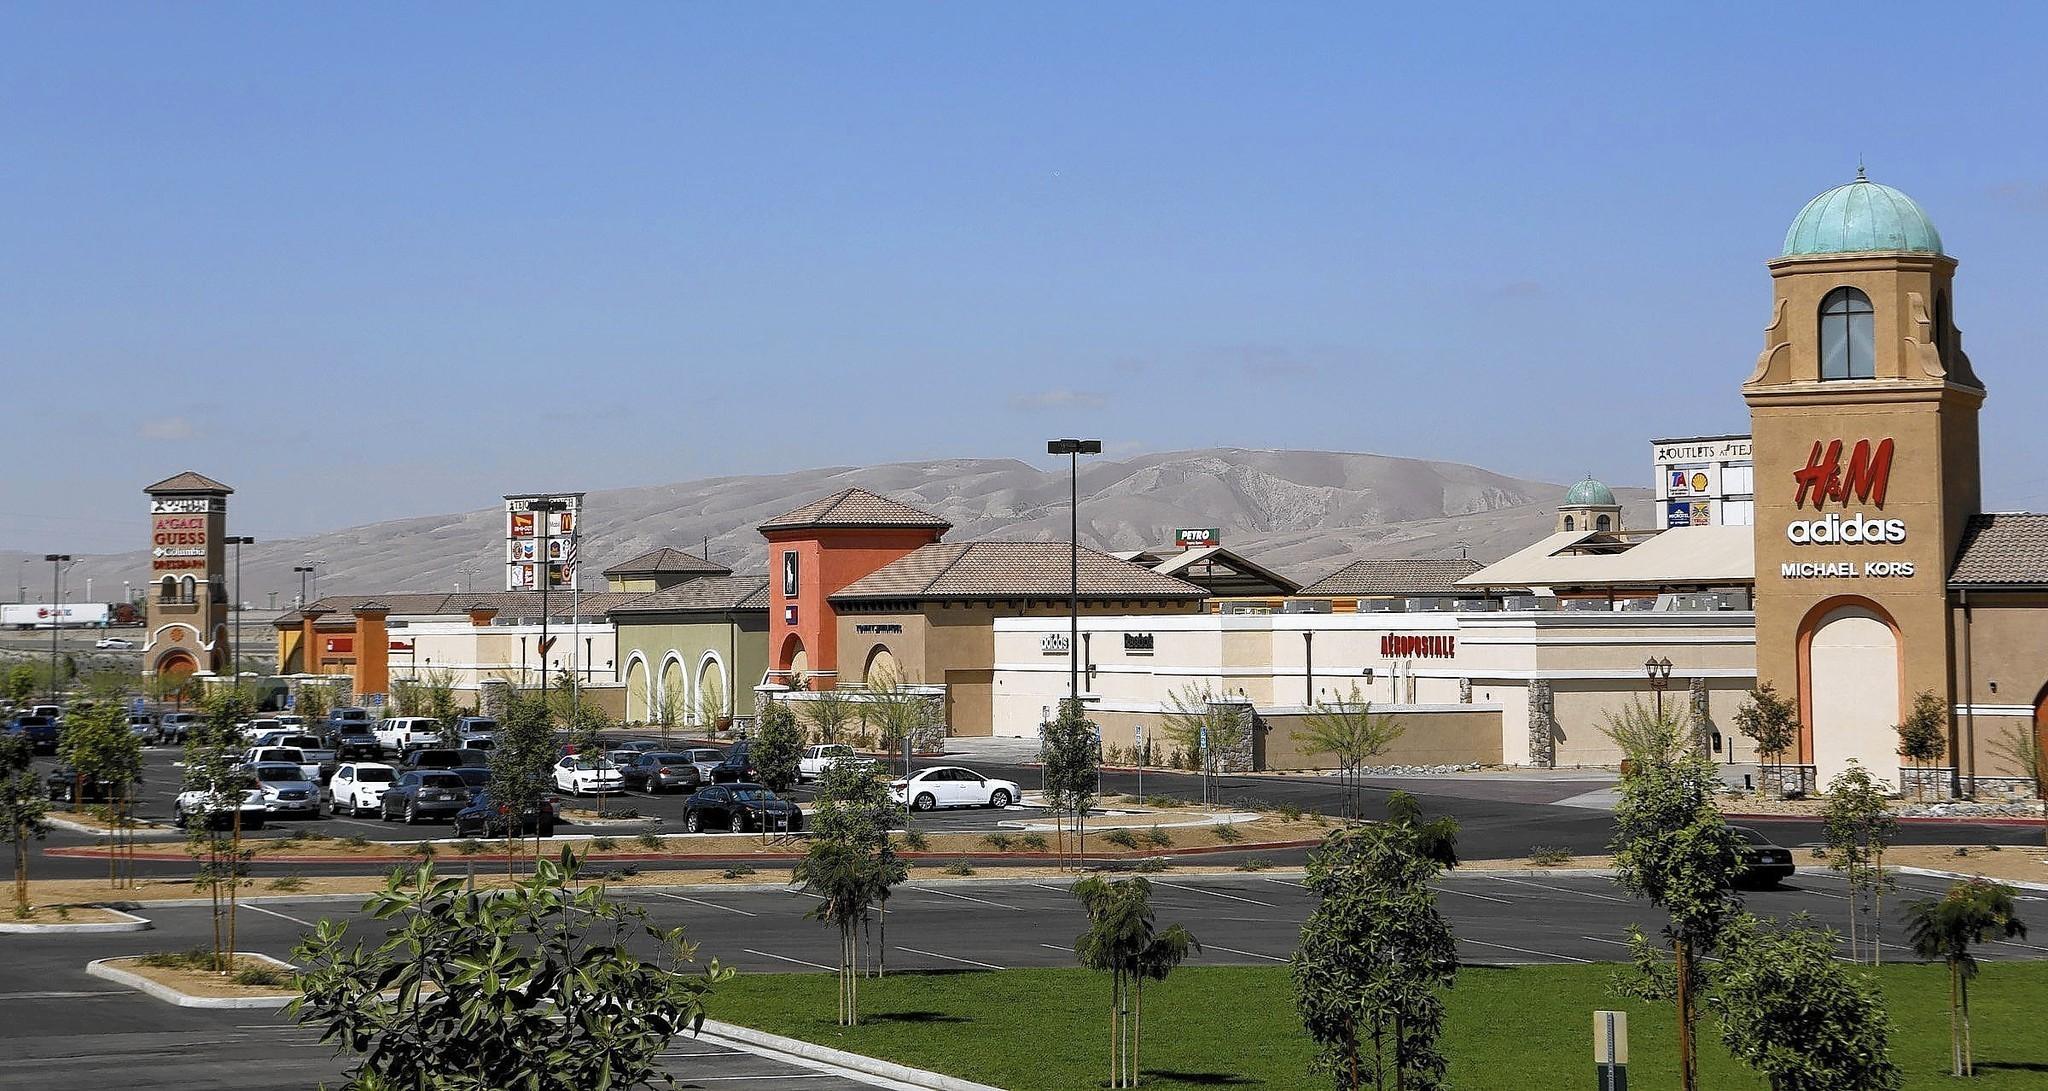 tejon ranch development: